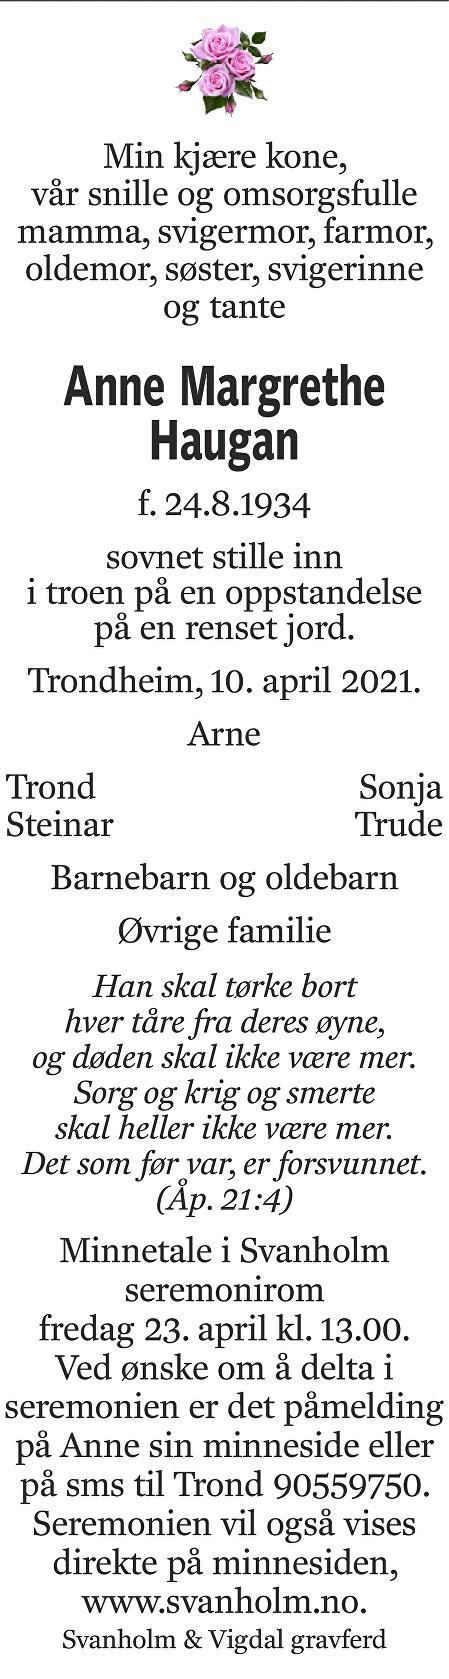 Anne Margrethe Haugan Dødsannonse